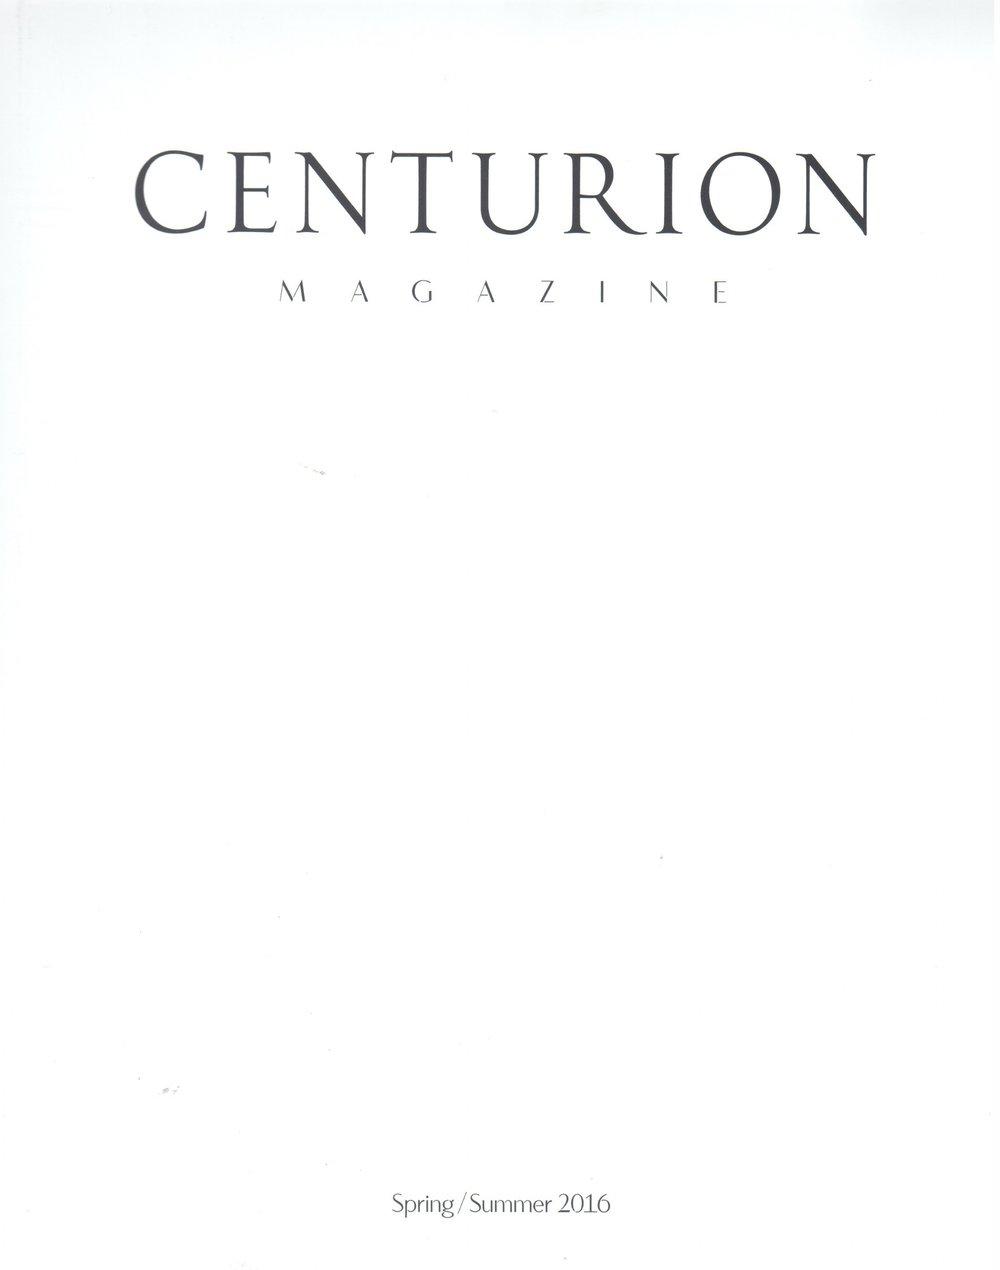 Centurion_SS2016_Cover-3.jpg